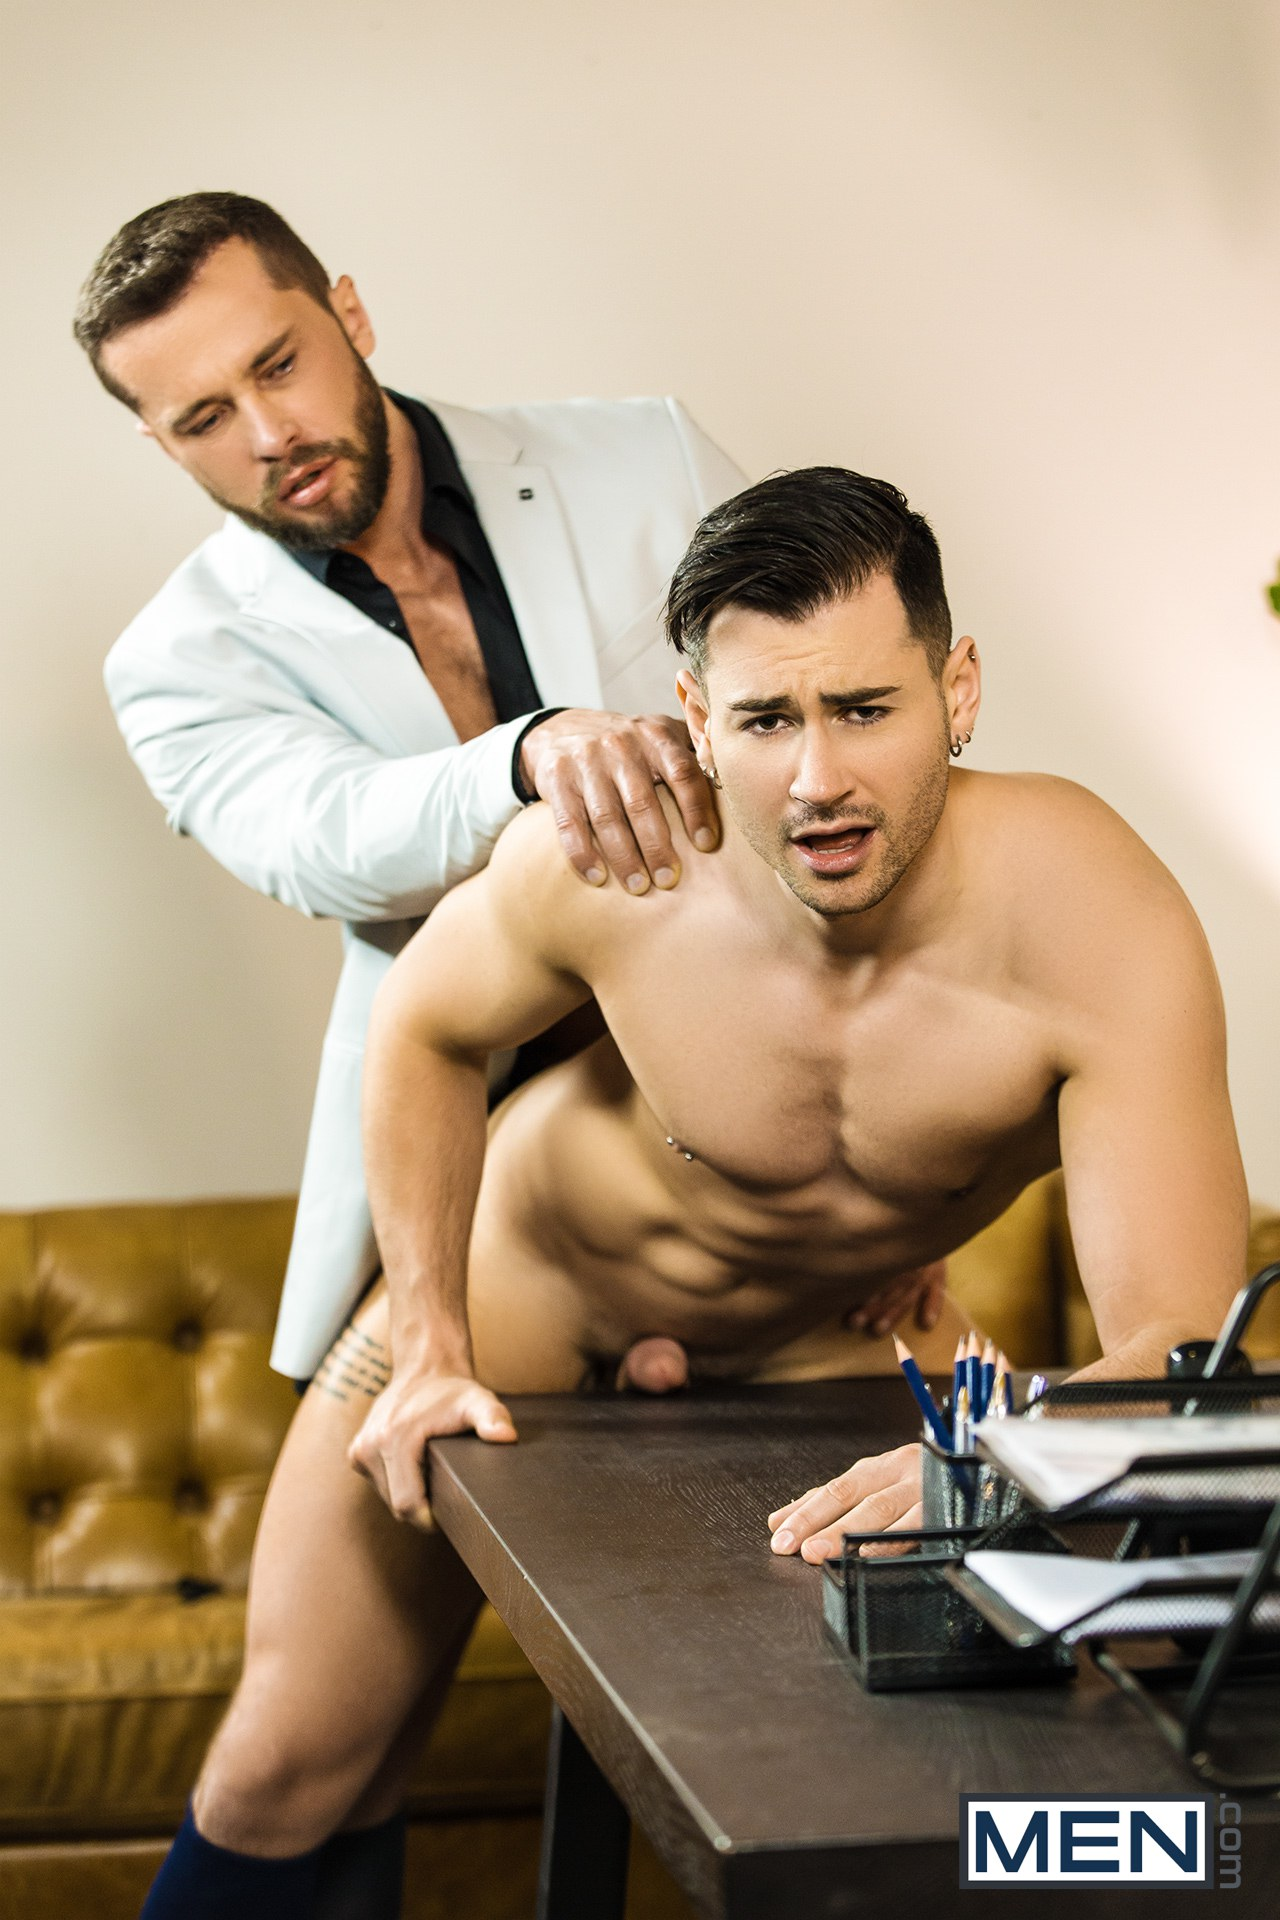 Animal Fuck Gay Man Porn gay men having hardcore sex - gay porn wire